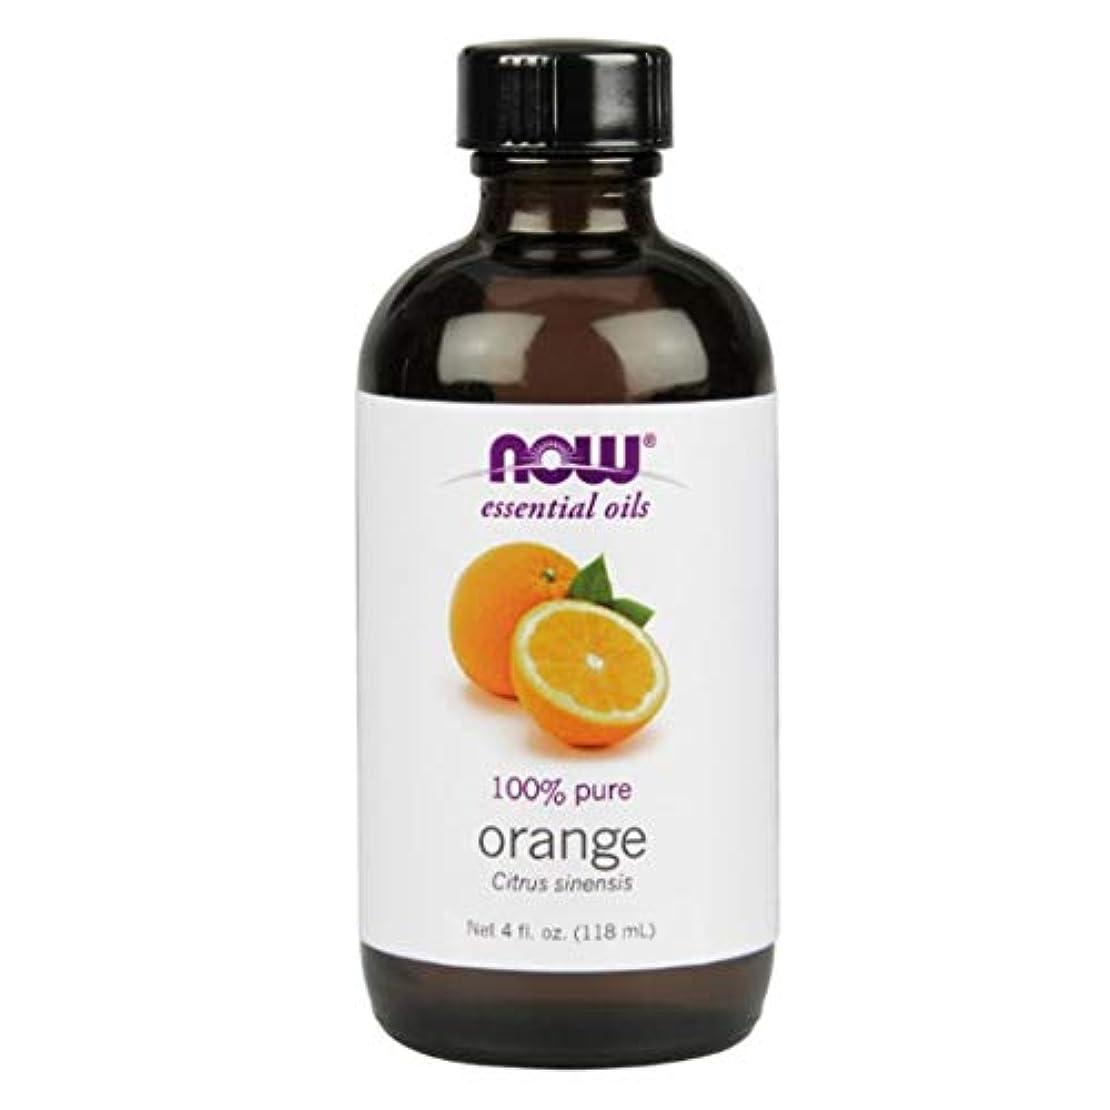 瞑想するマダム軍Now - Orange Oil 100% Pure 4 oz (118 ml) [並行輸入品]